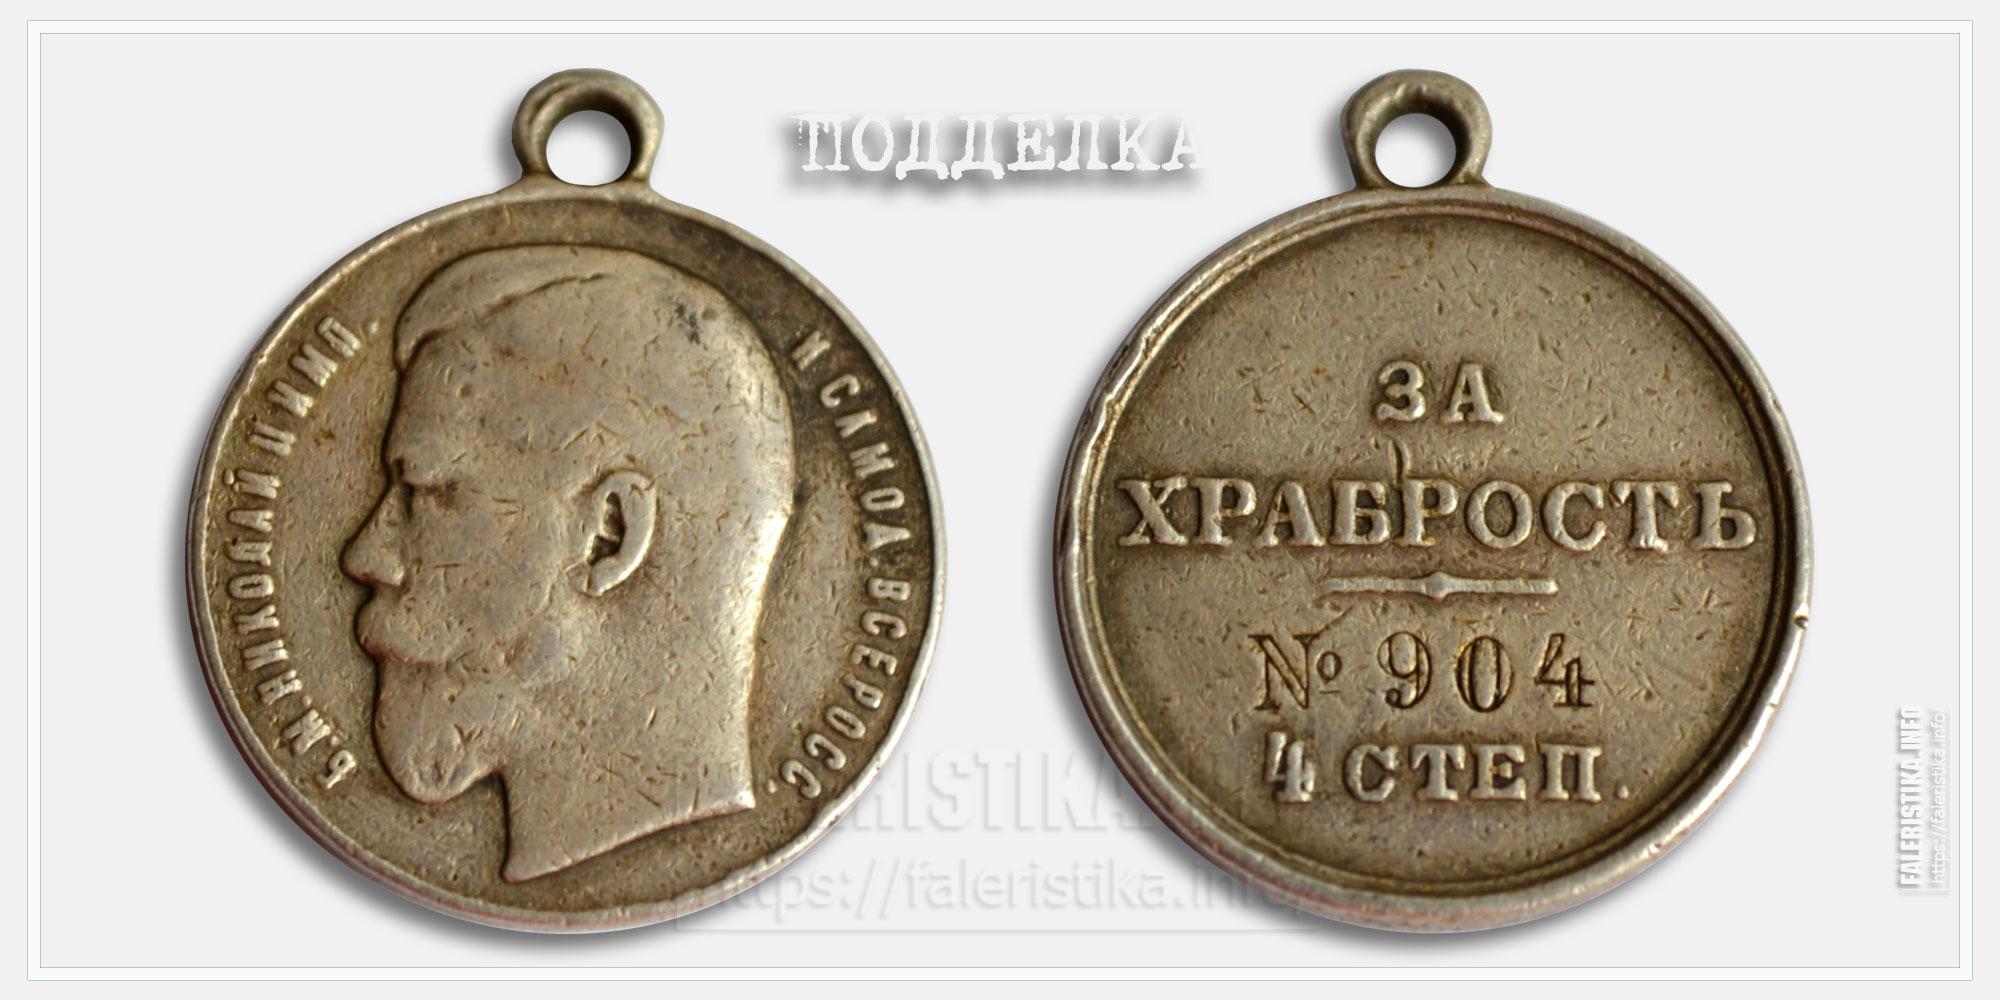 """Медаль """"За храбрость"""" 4 ст. №904 (подделка)"""